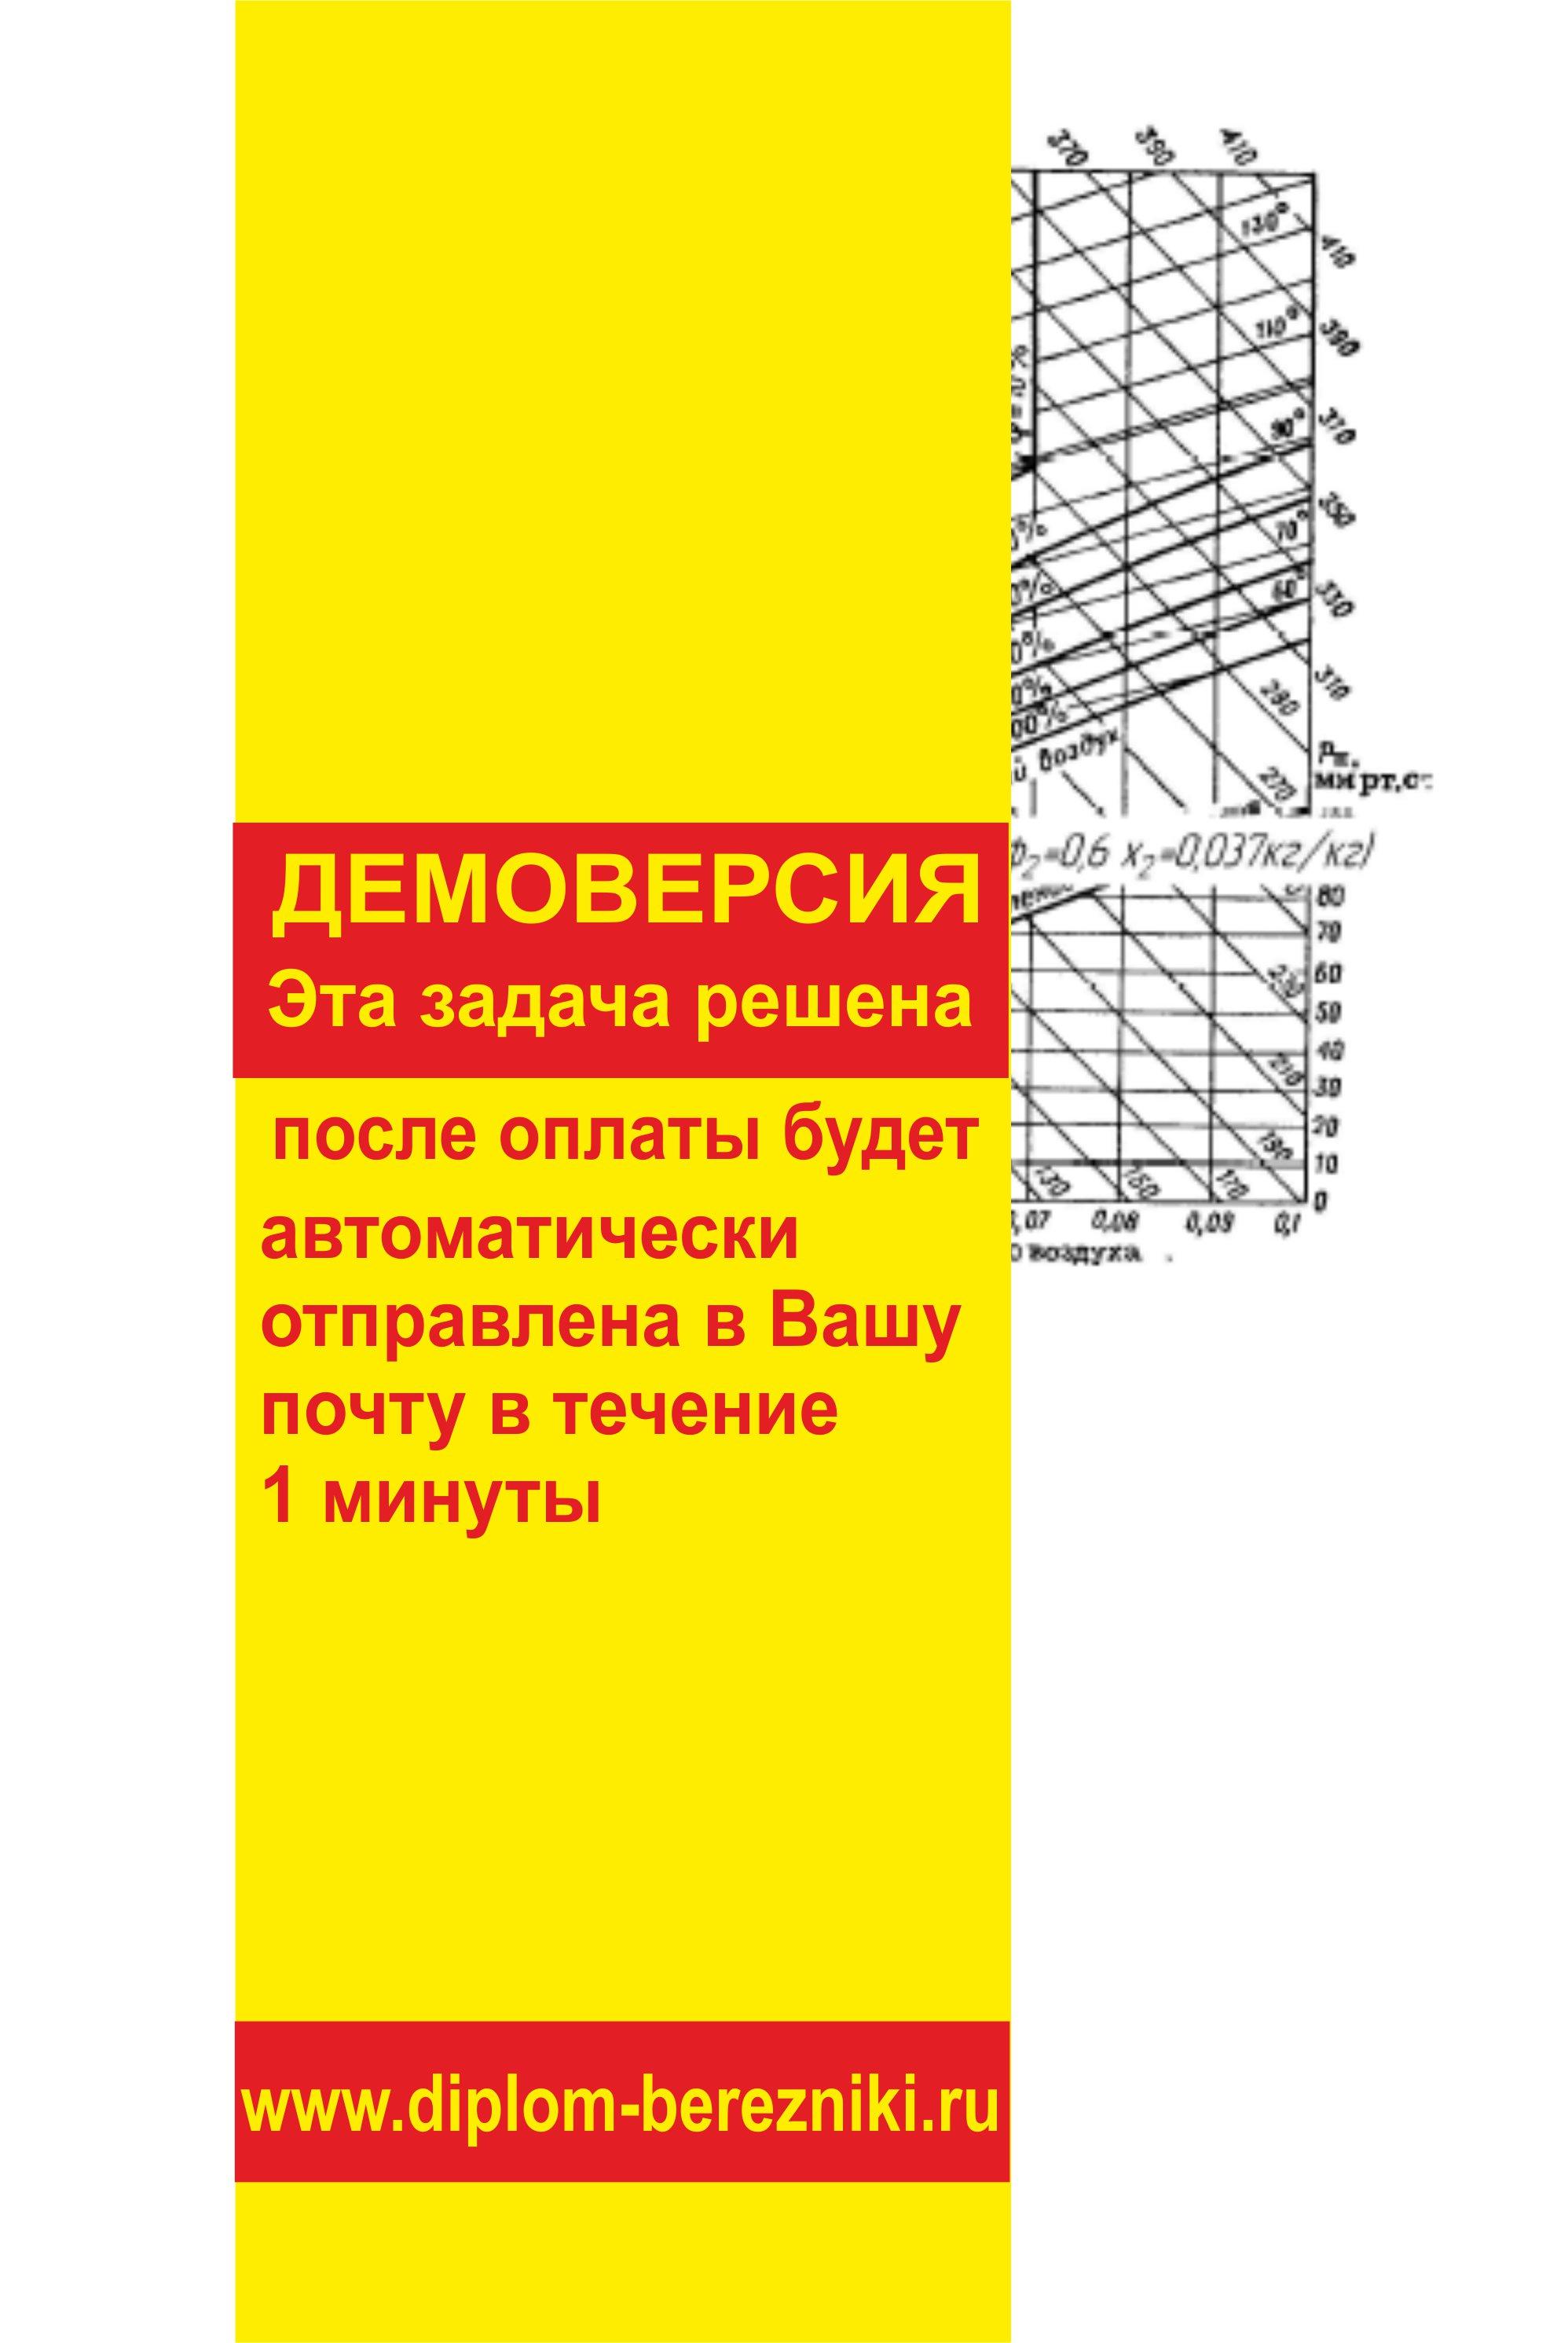 Решение задачи 10.26 по ПАХТ из задачника Павлова Романкова Носкова